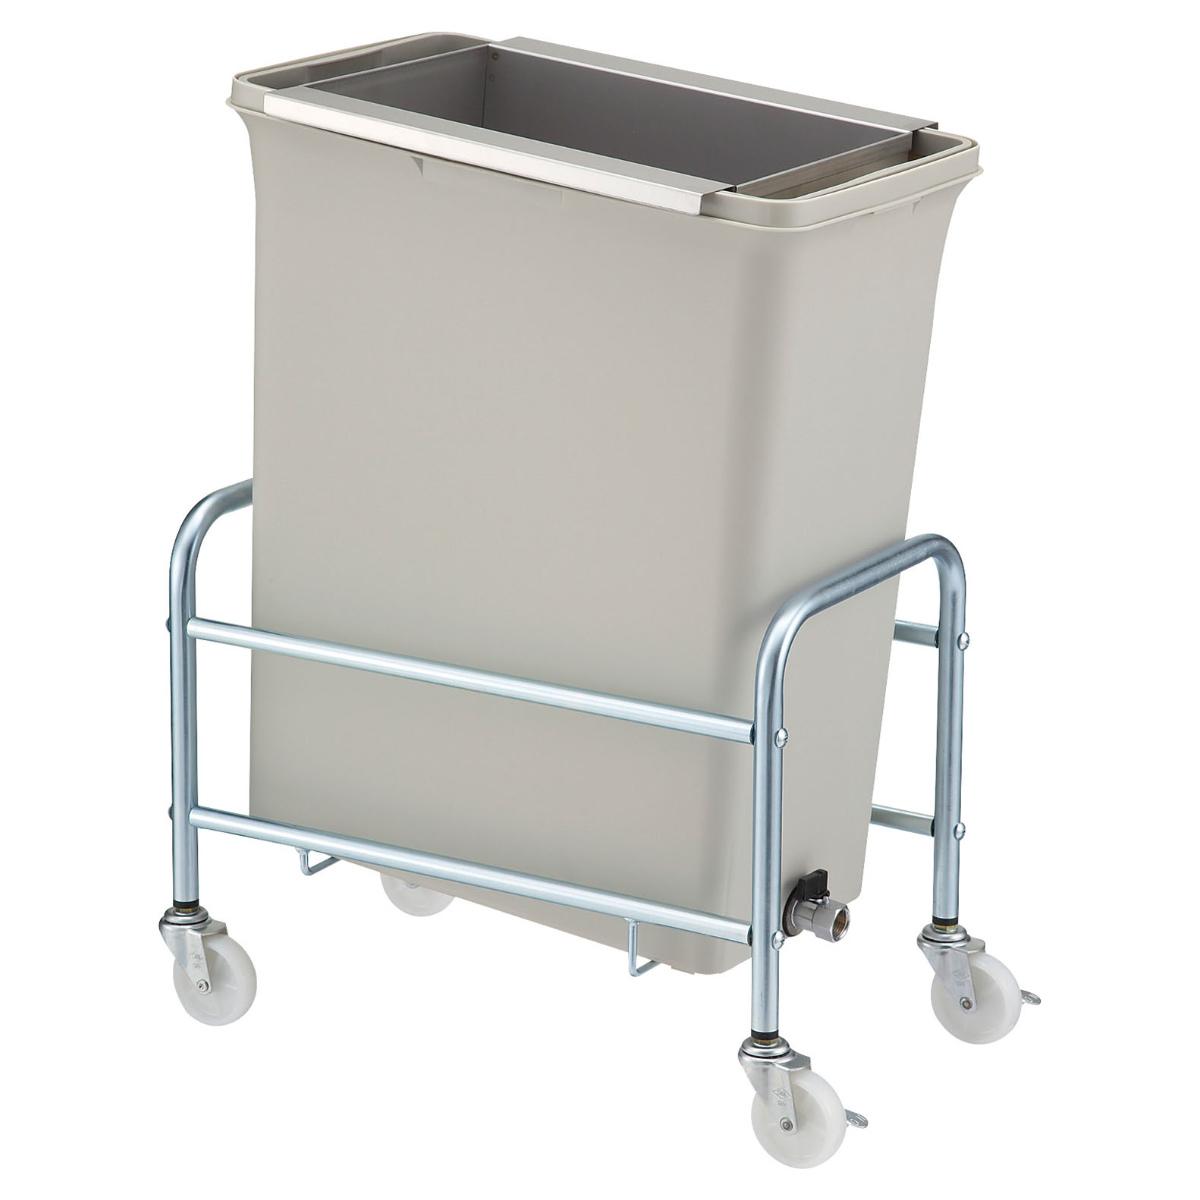 ゴミ箱 リサイクルトラッシュ ECO-50バルブ式セット 送料無料 【3980円以上送料無料】